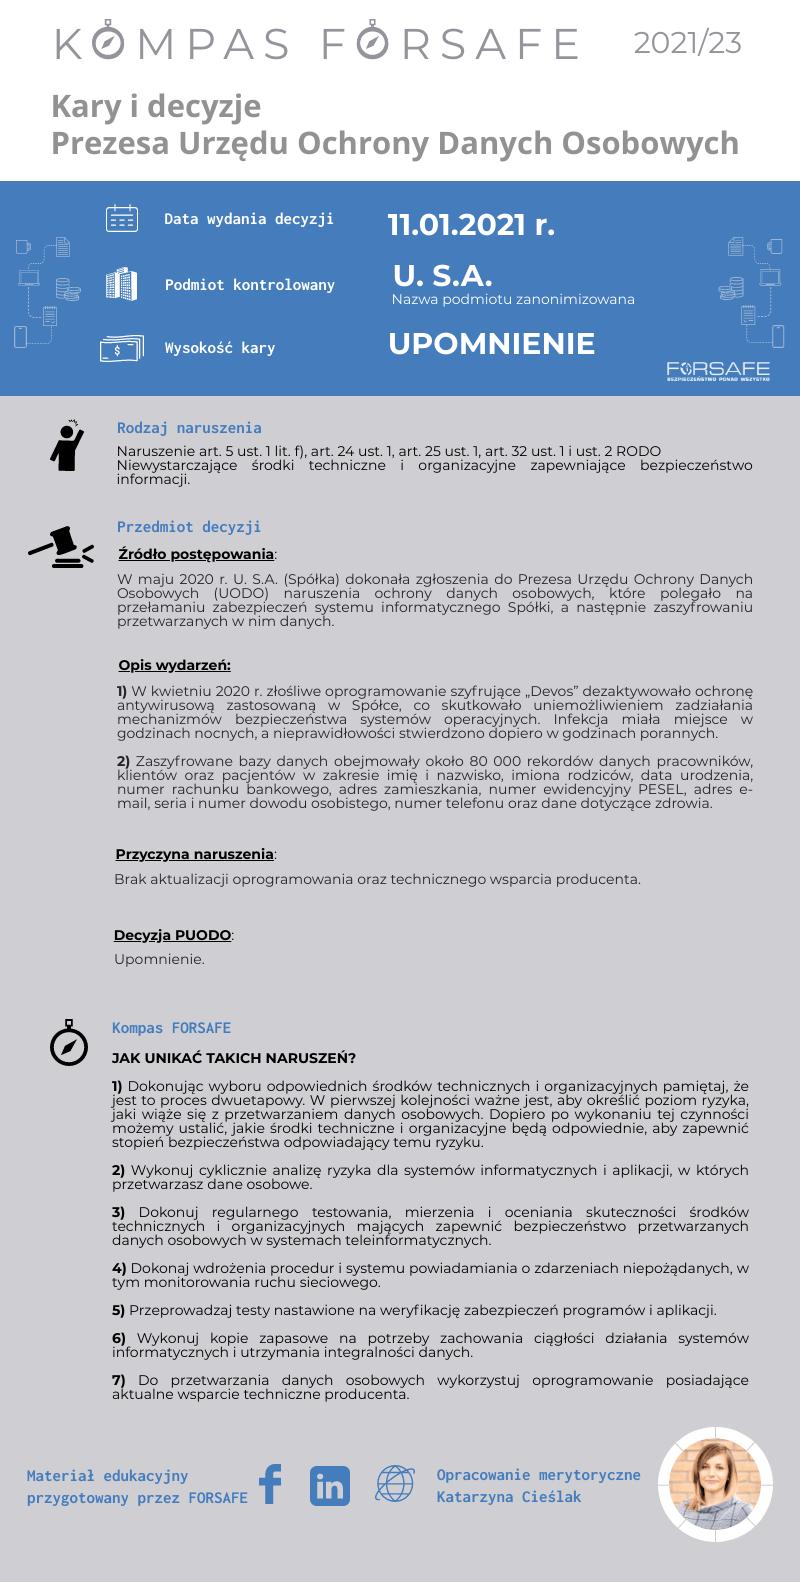 Kompas FORSAFE PL 2021 23 KOMPAS FORSAFE PL 2021/23 - Upomnienie za naruszenie związane z brakiem aktualizacji ochrony antywirusowej